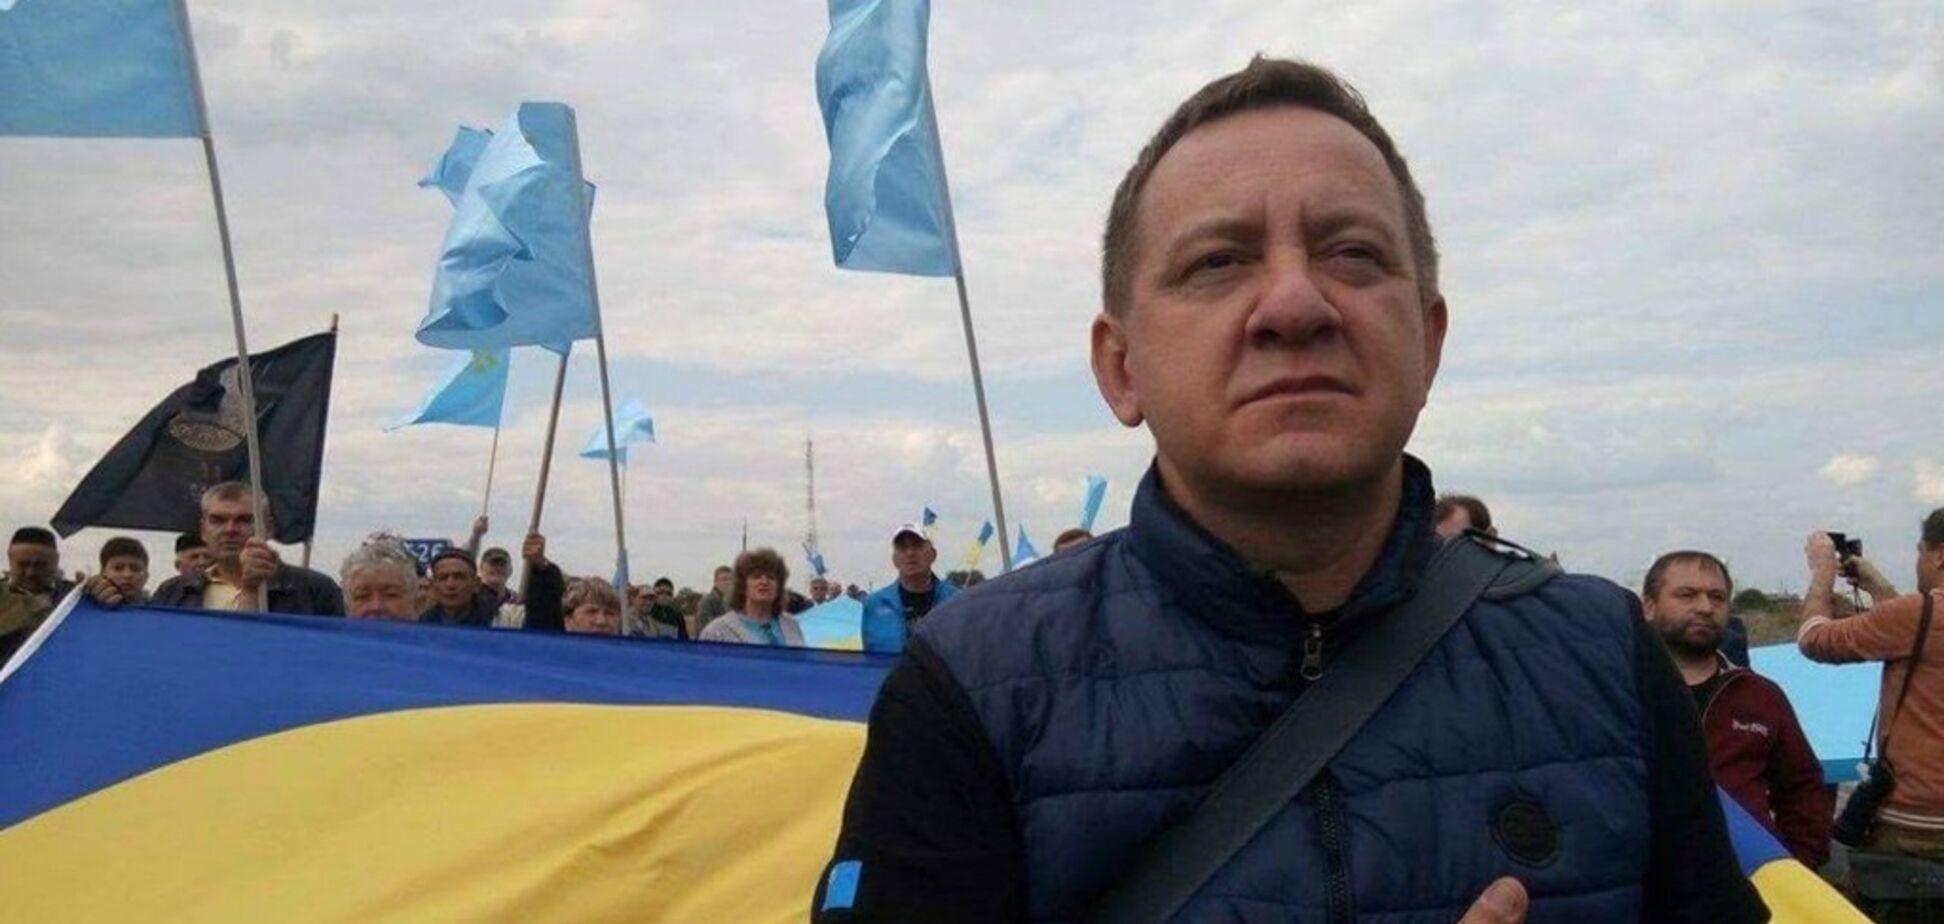 Журналист призвал убивать агентов РФ в Украине, но потом передумал